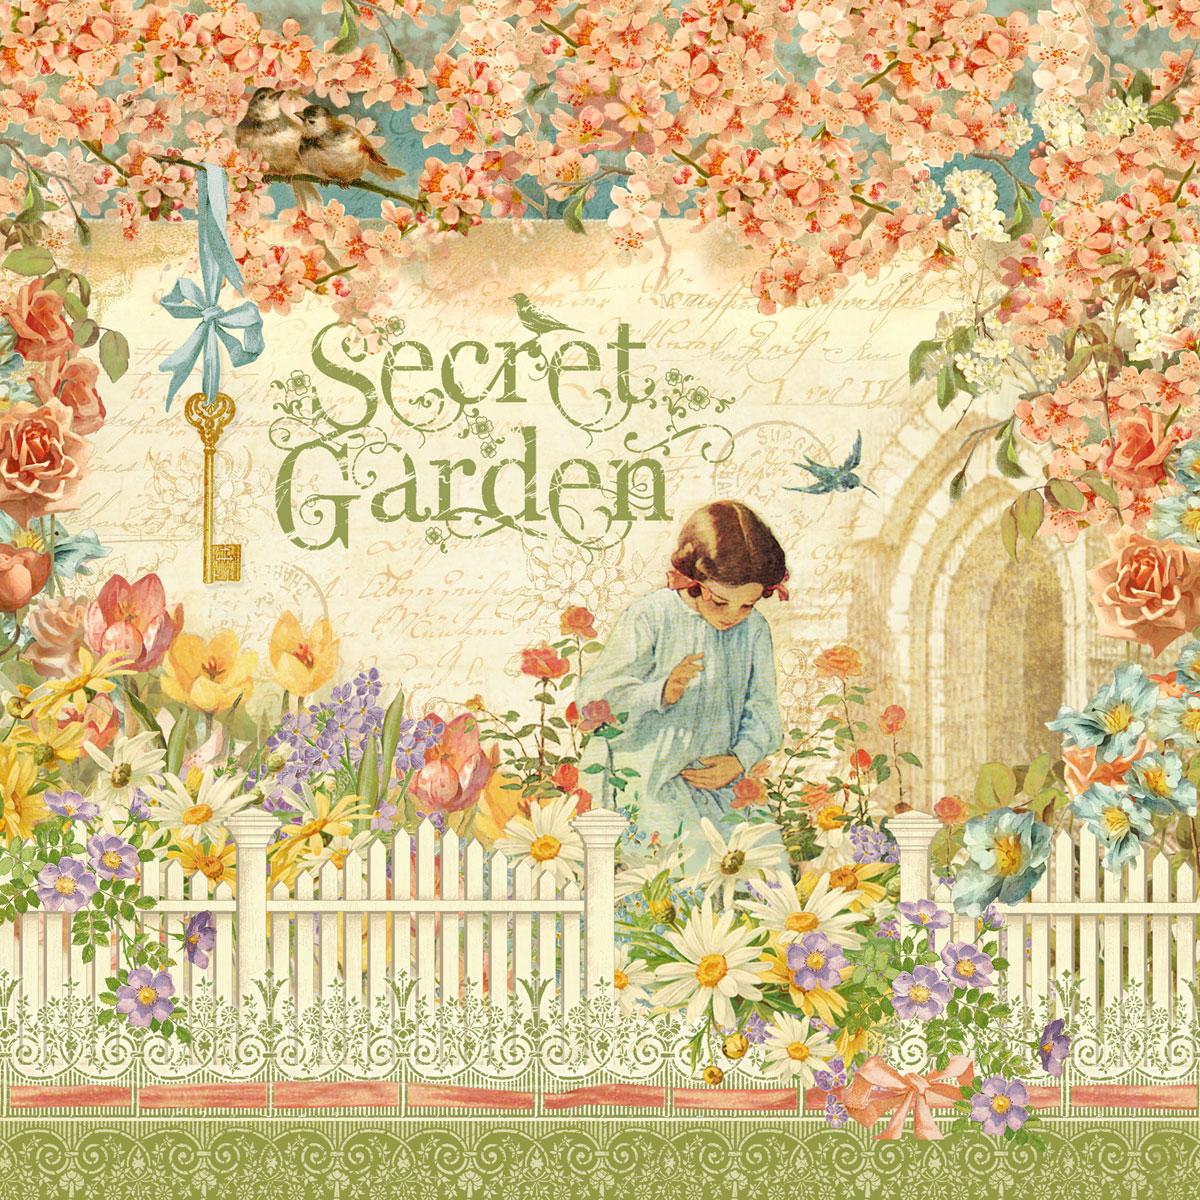 Gardening essay writing